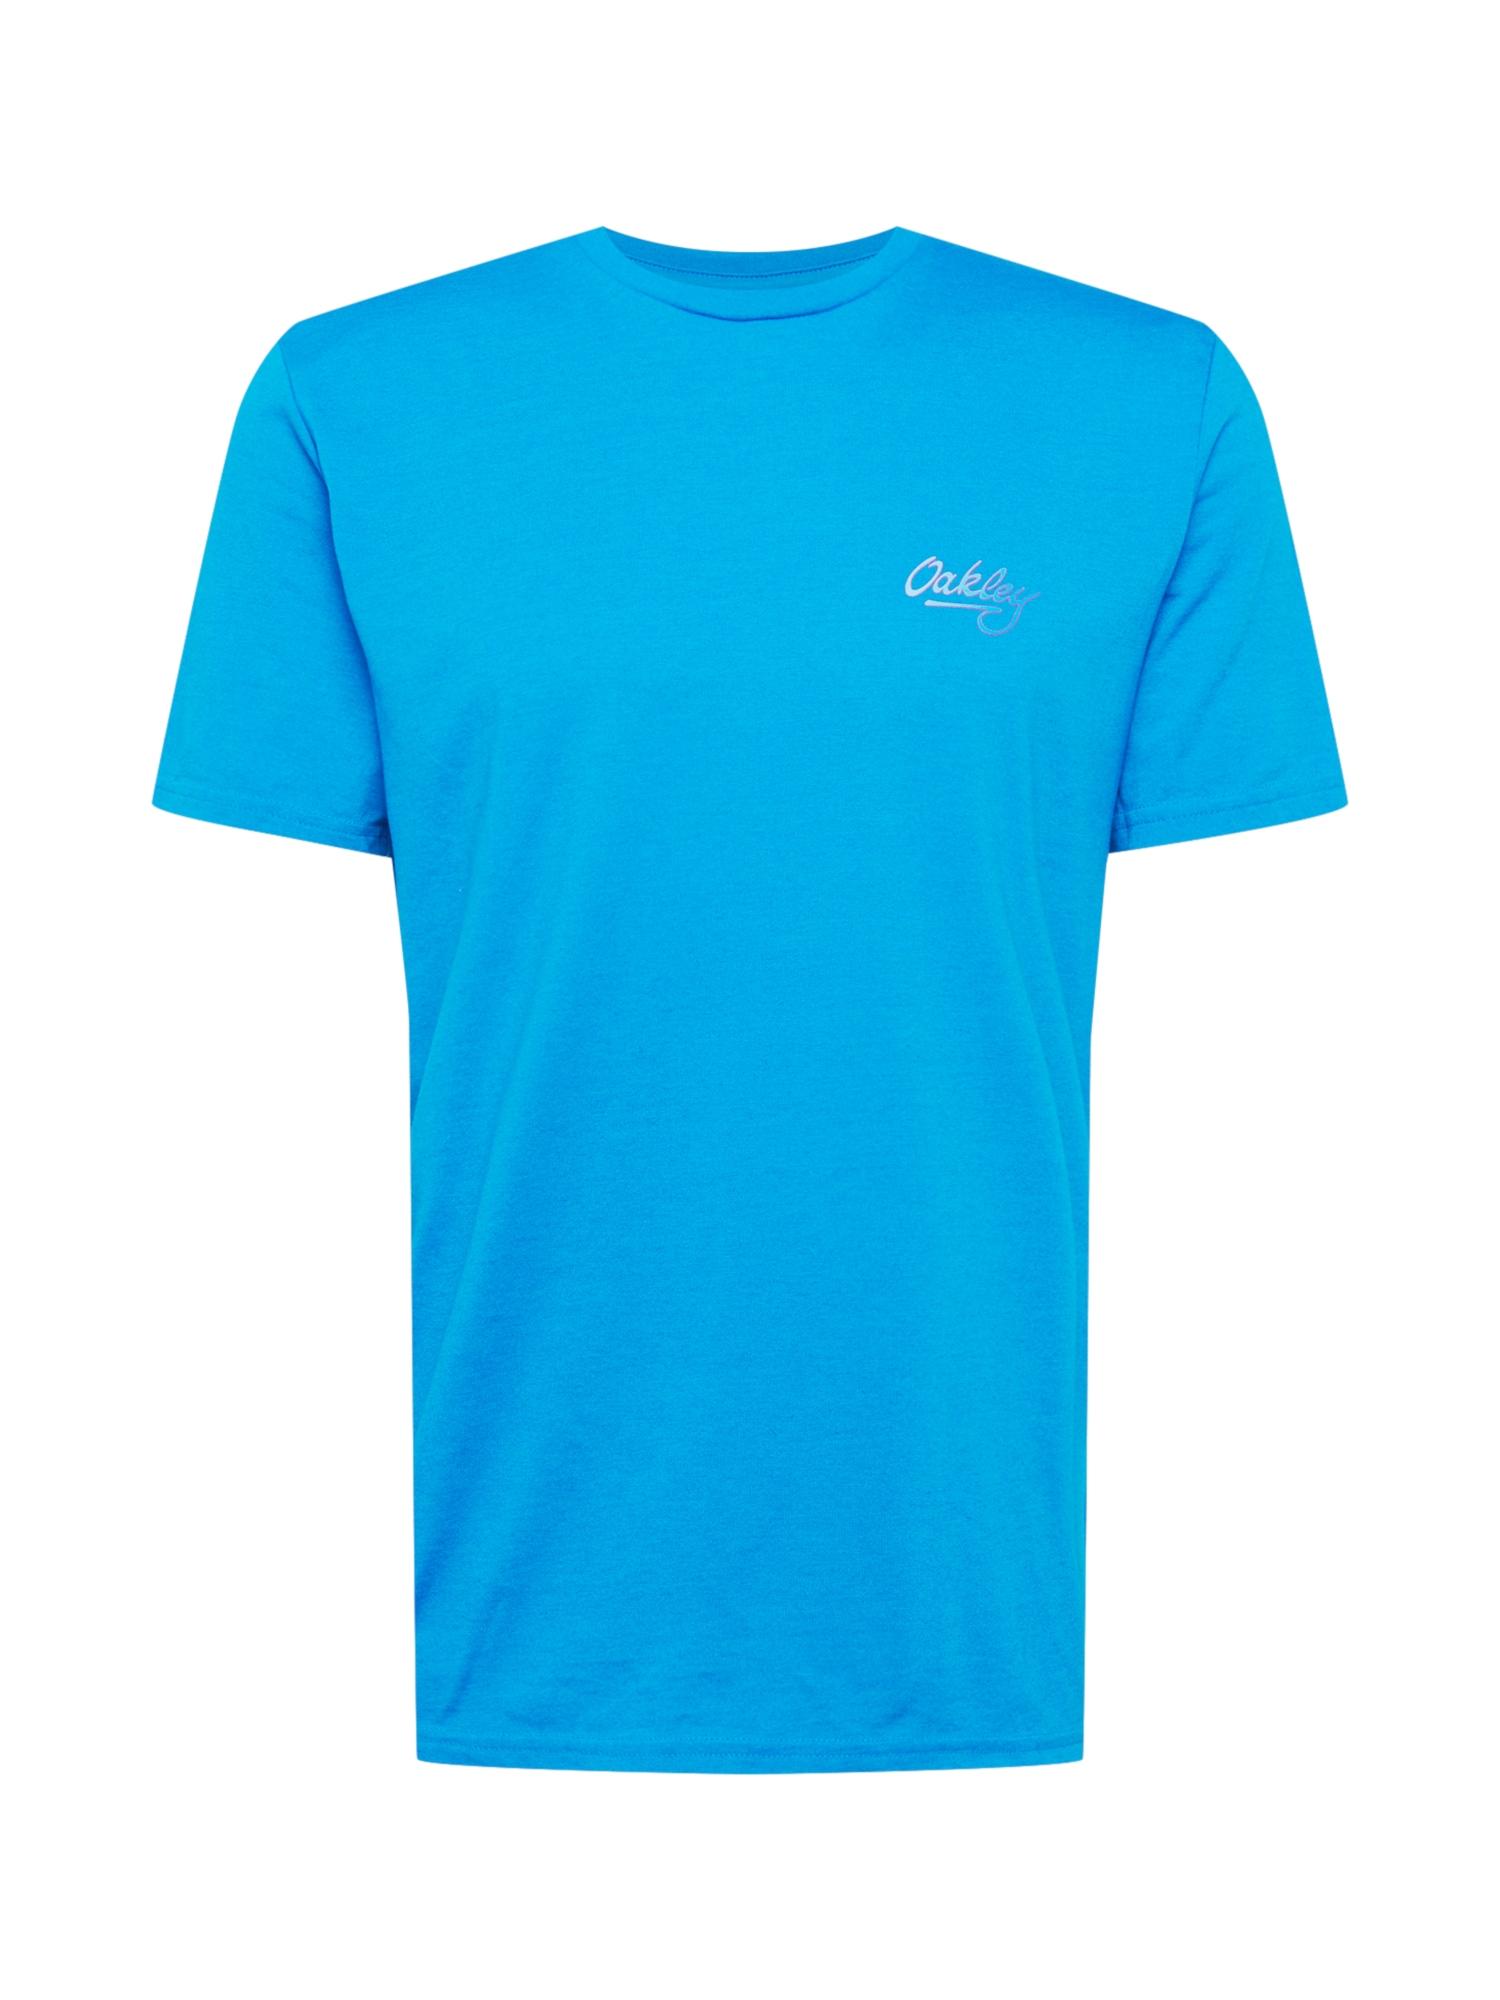 OAKLEY Marškinėliai vandens spalva / balta / purpurinė